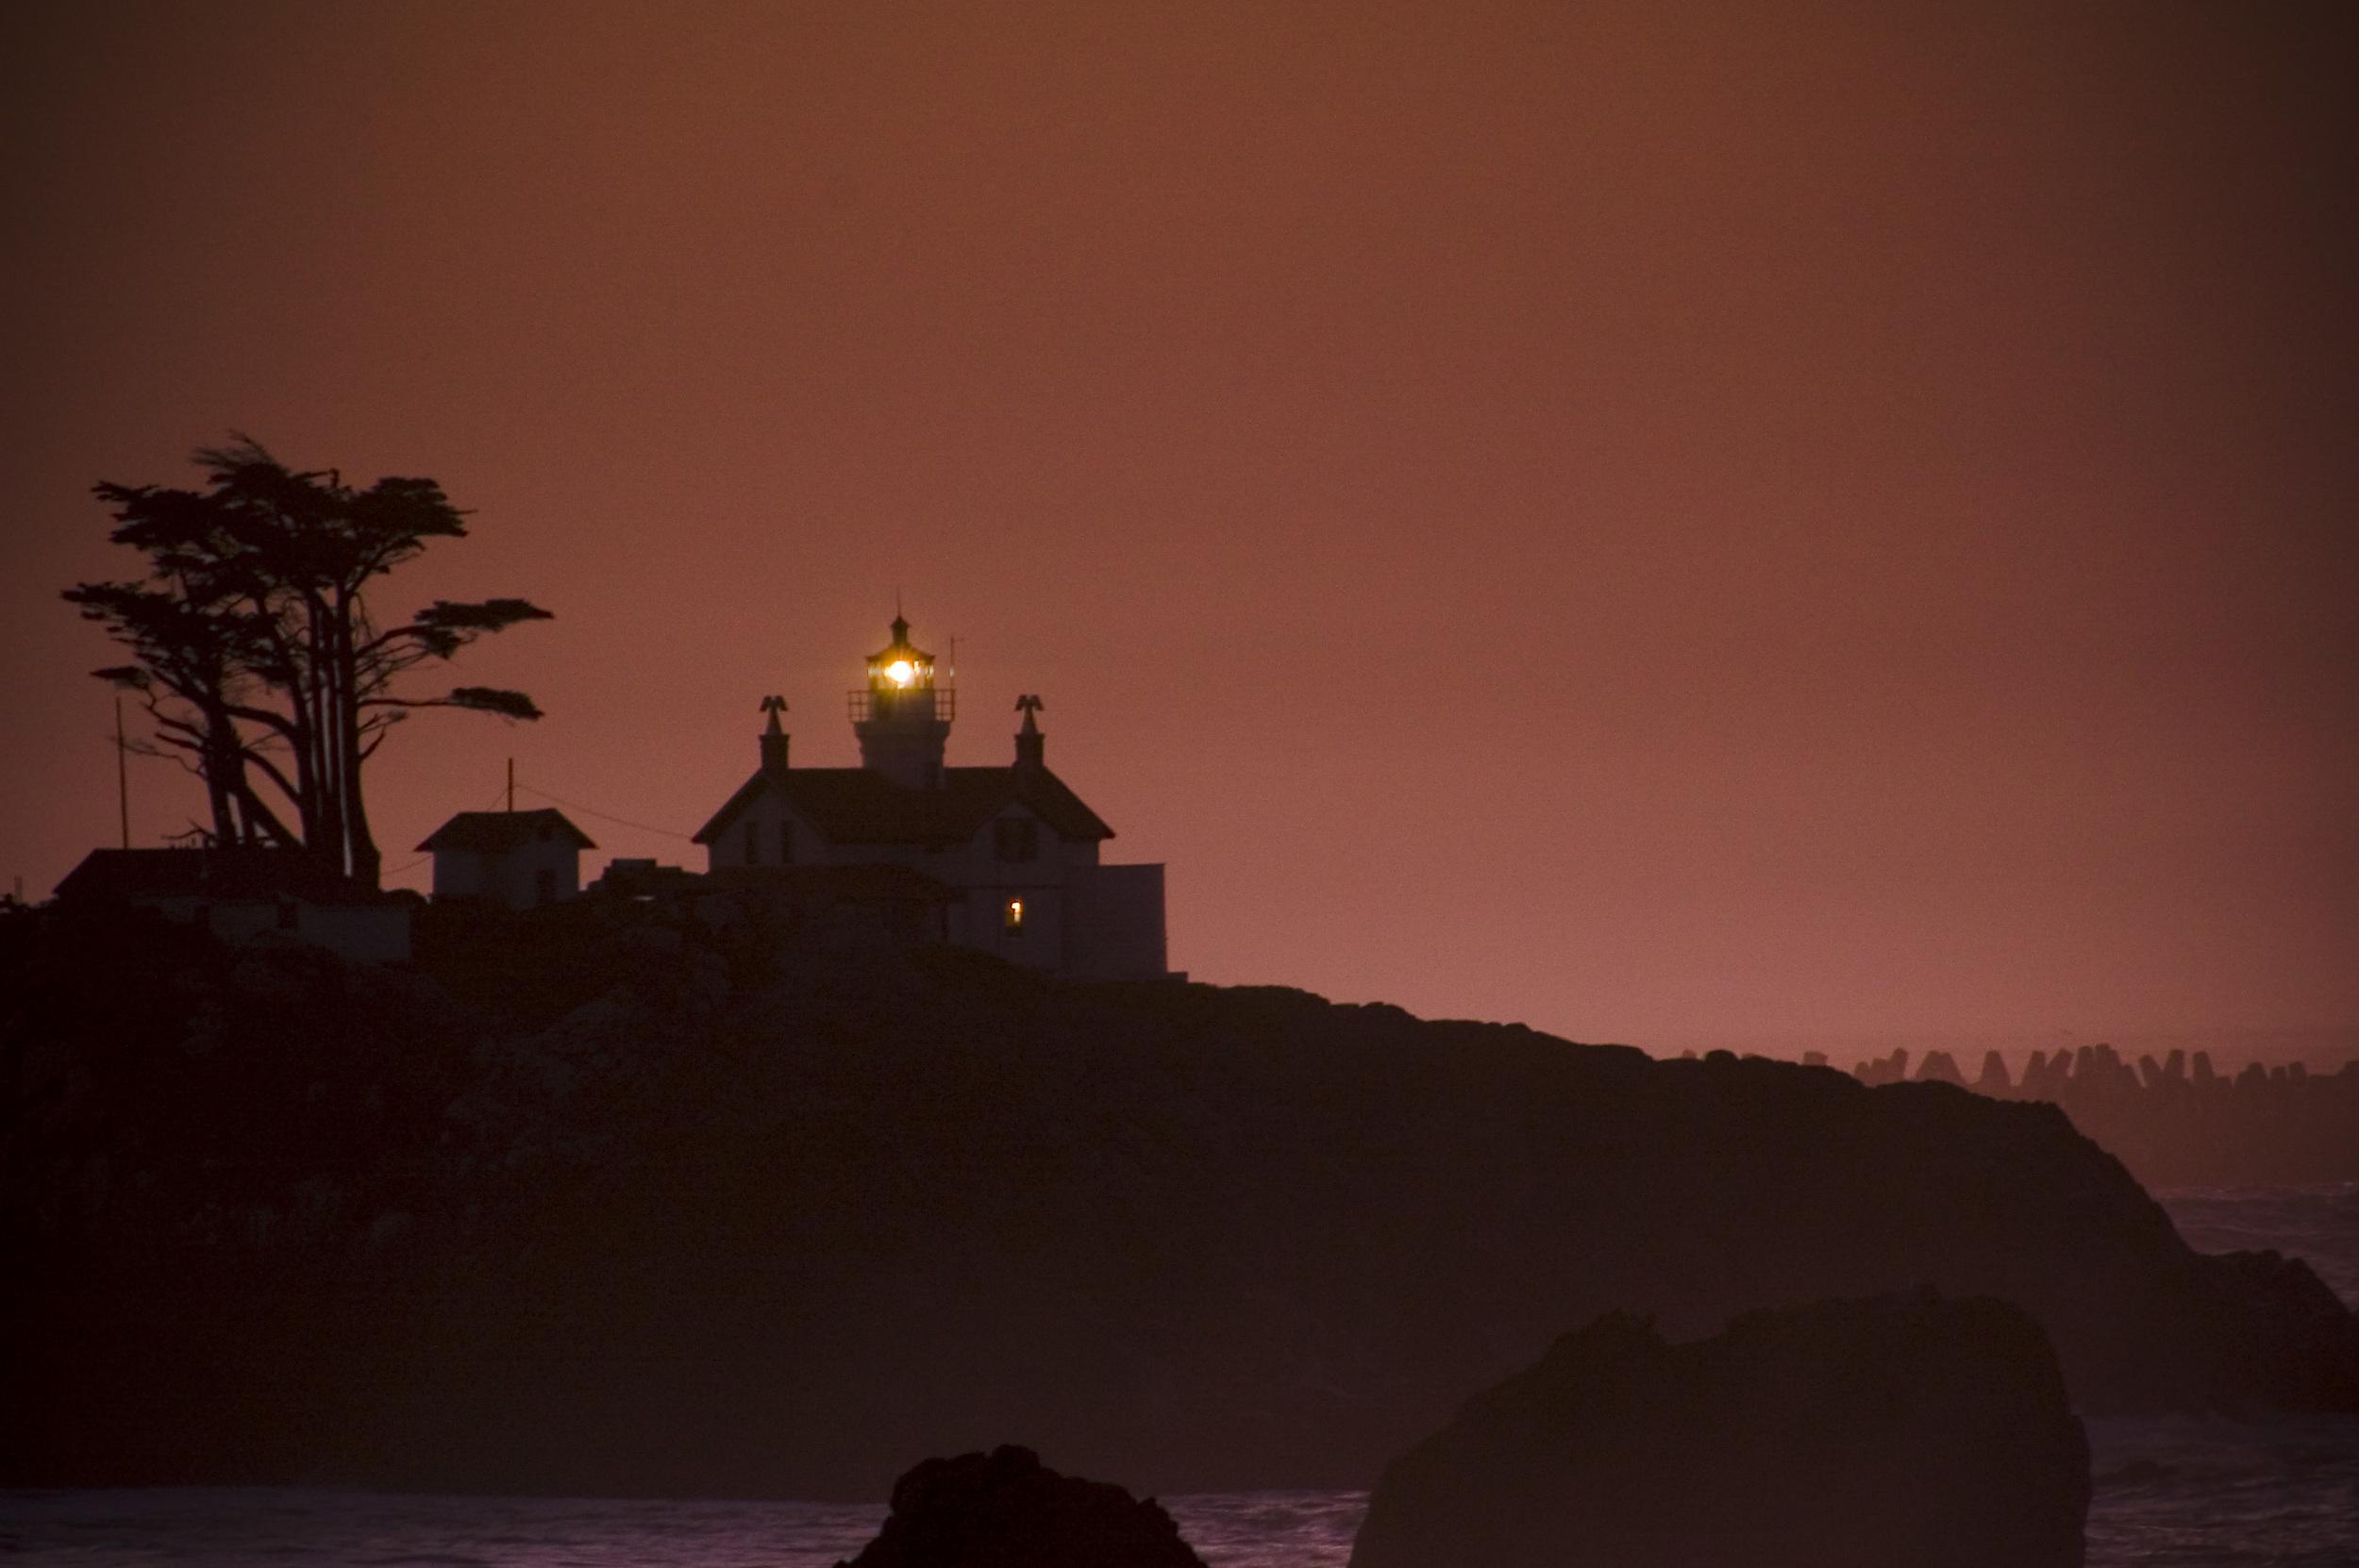 lighthouserise.JPG